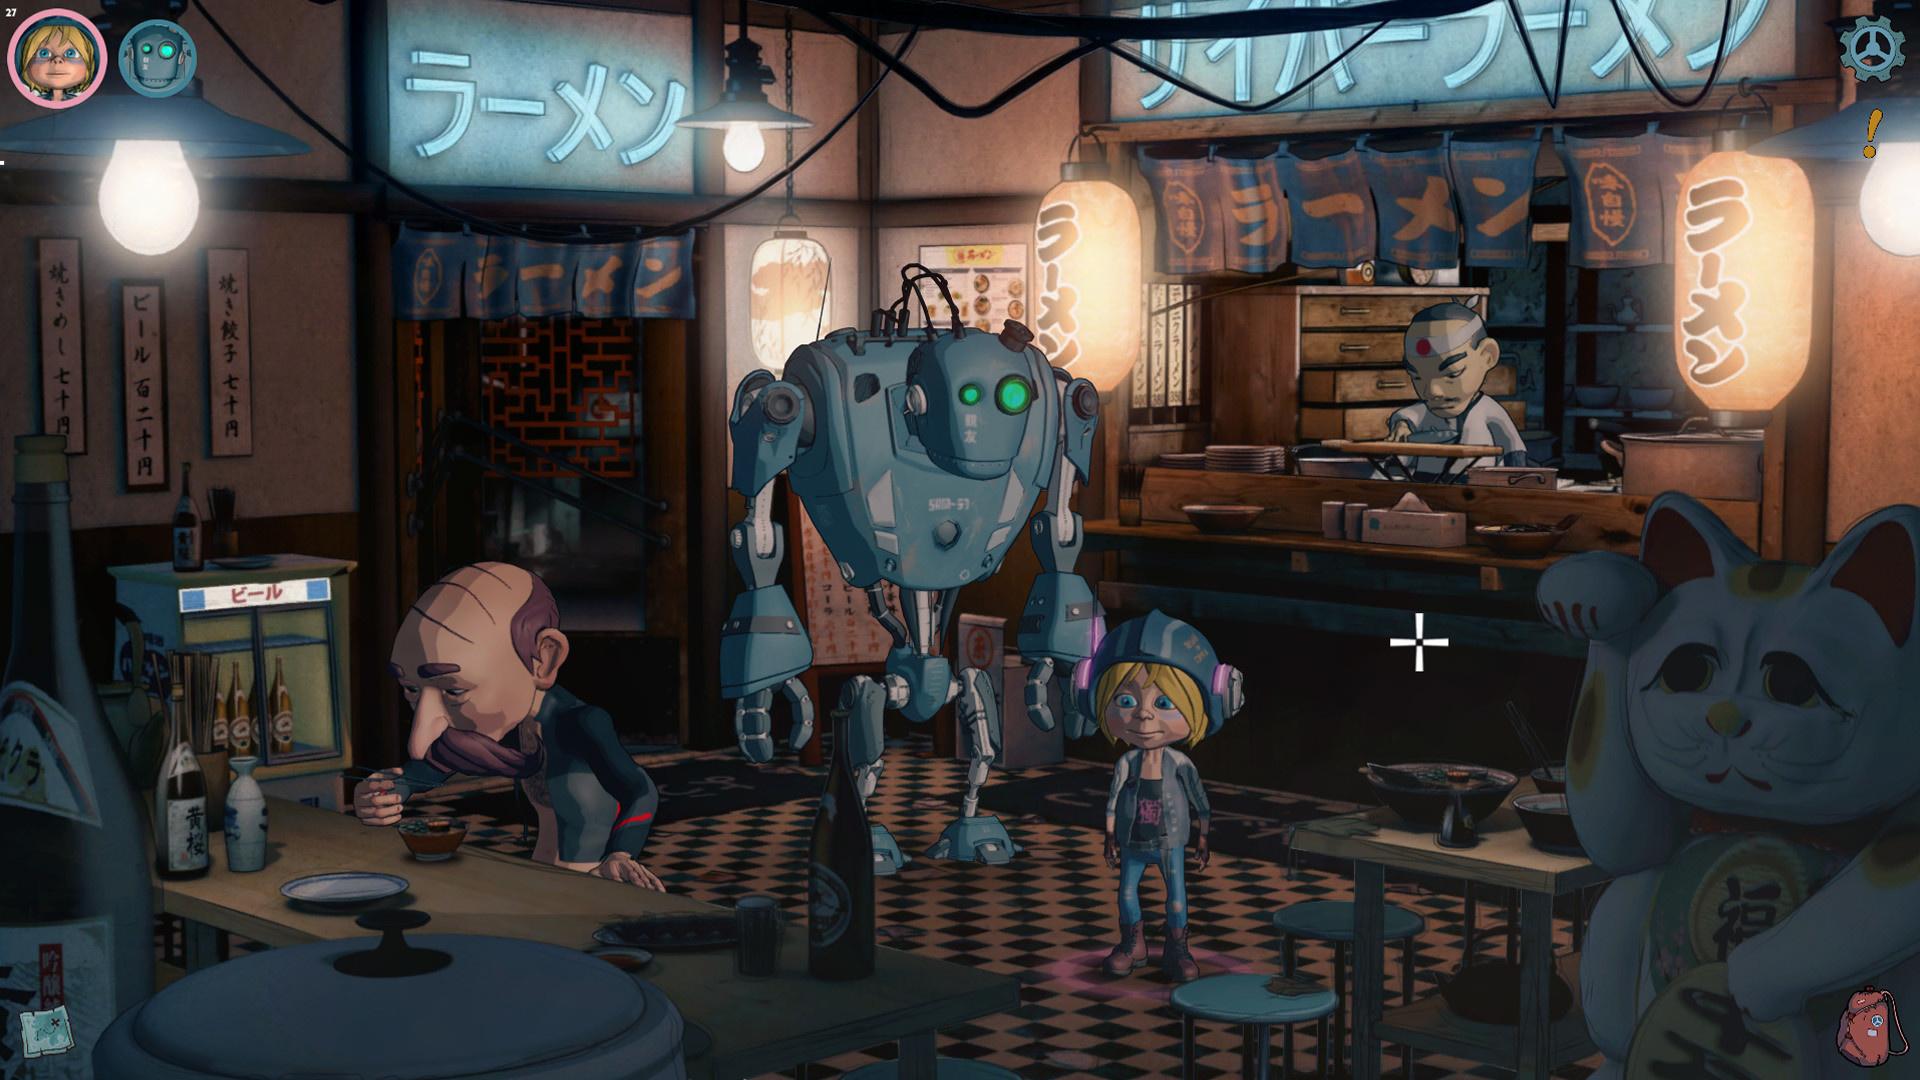 Создатель Encodya рассказал о работе над своей первой игрой